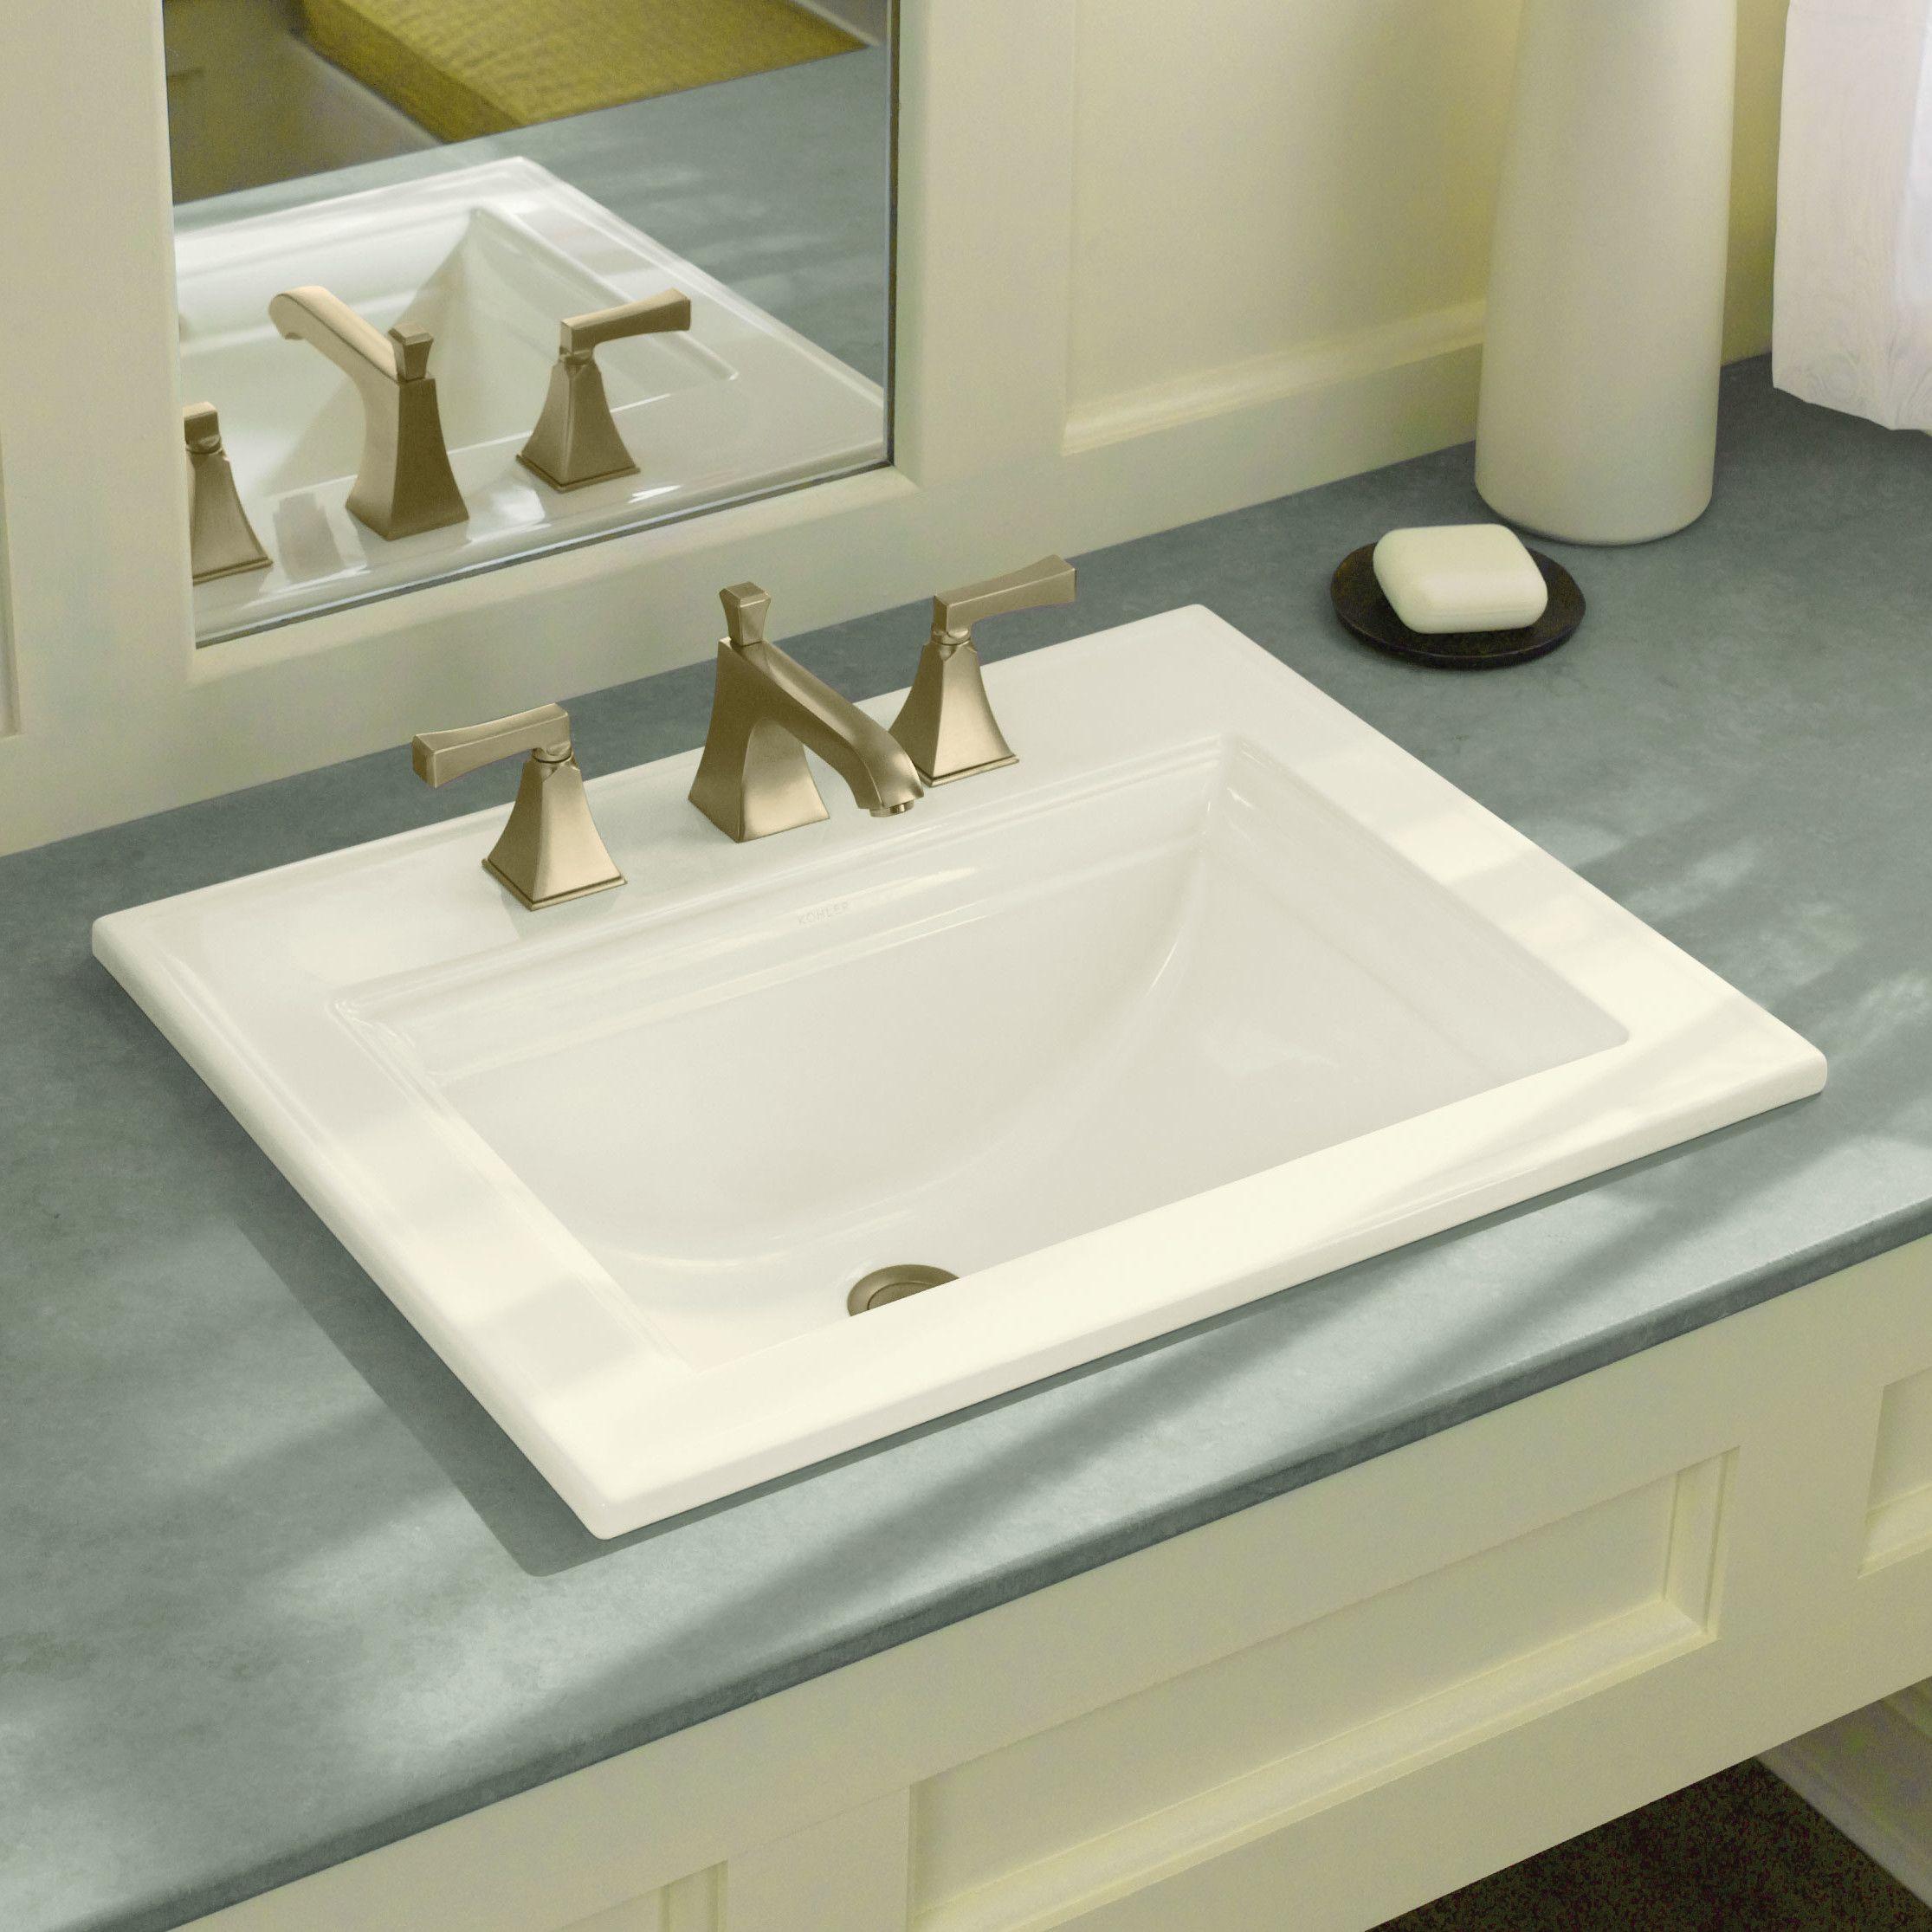 image result for kohler k 2075 8 g9 serif self rimming bathroom sink rh pinterest co uk